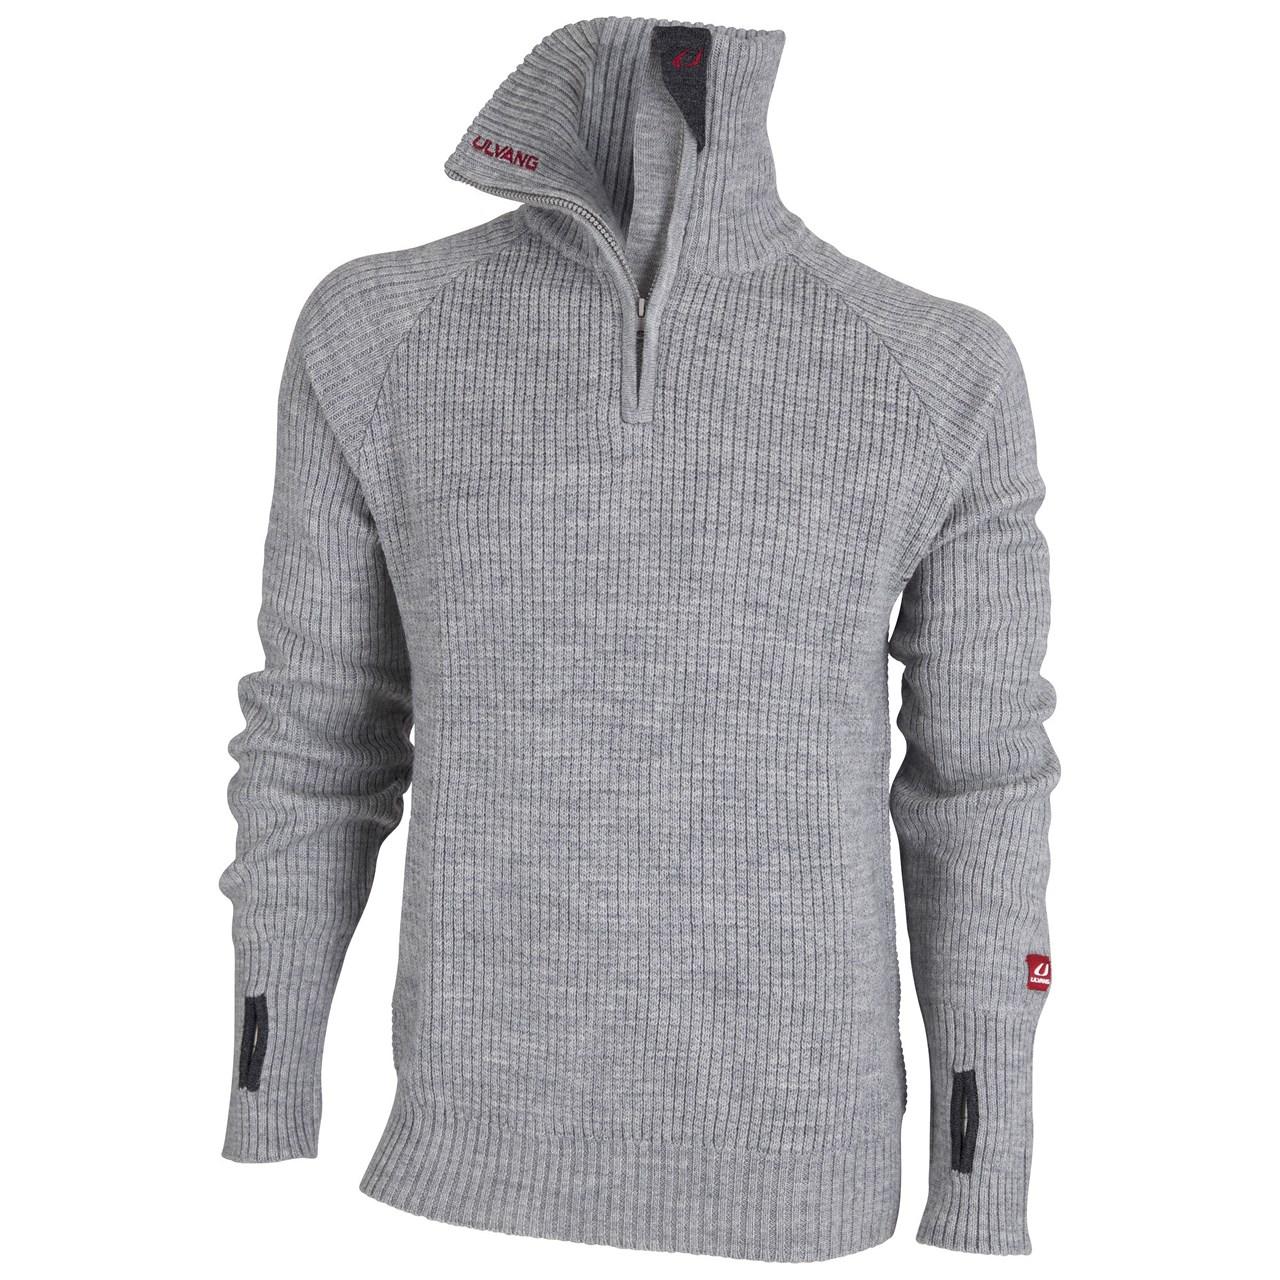 Ulvang Rav sweater w/zip grey